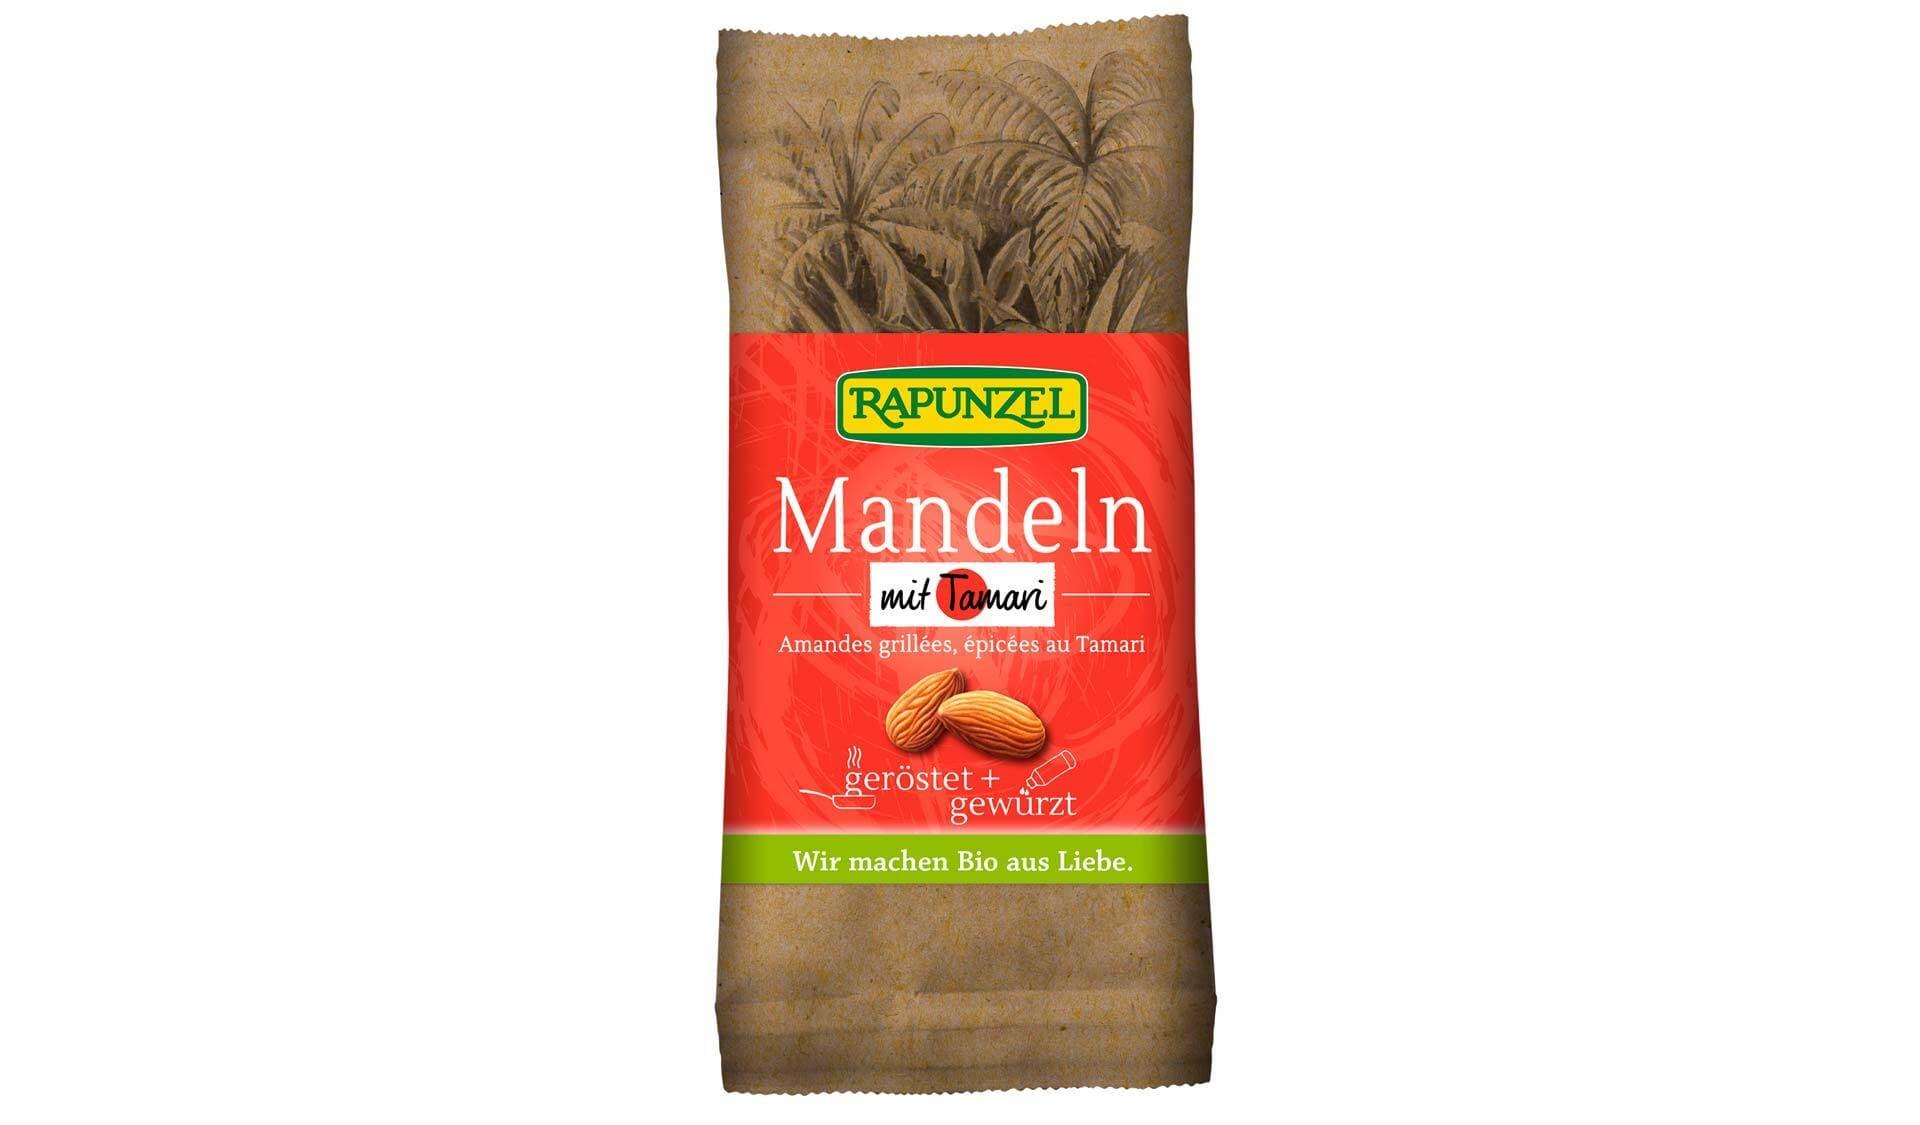 Rapunzel: Mandeln geröstet und gewürzt